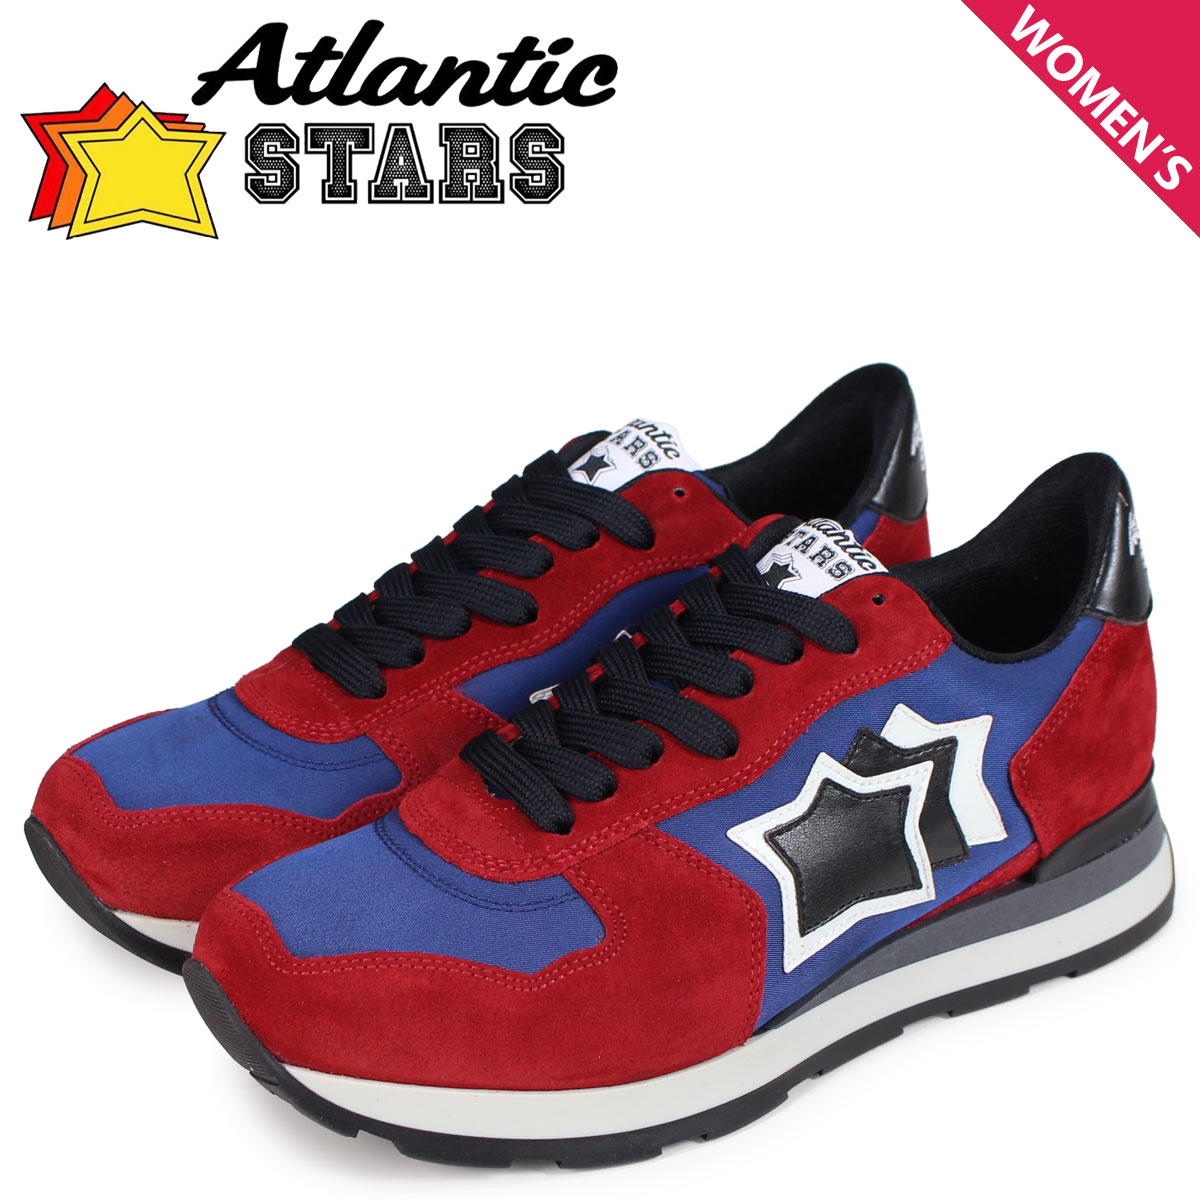 Atlantic STARS レディース スニーカー アトランティックスターズ ベガ VEGA BRN-81N レッド [10/17 新入荷]